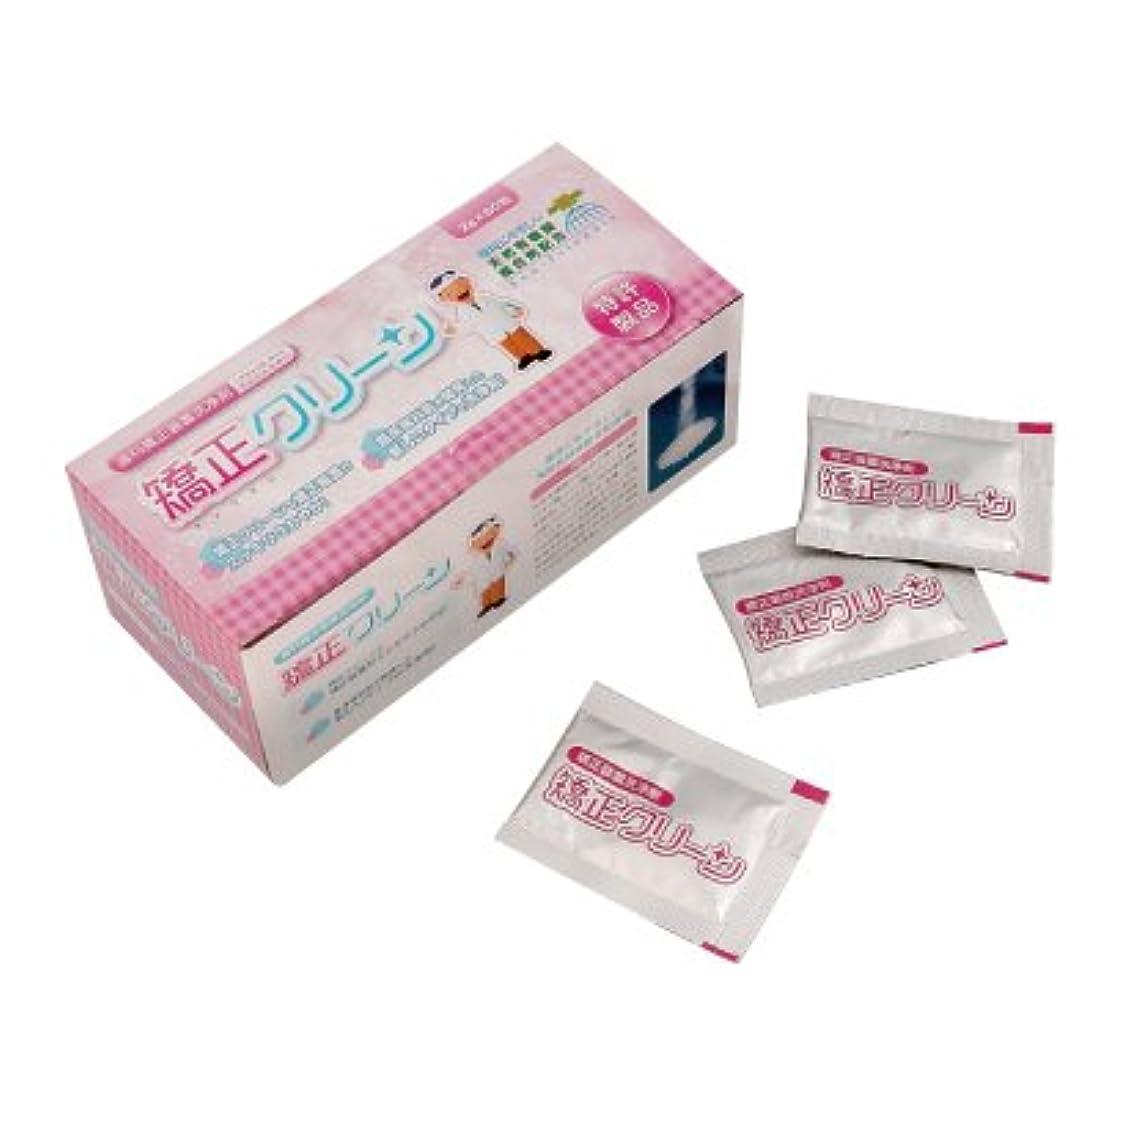 ほとんどの場合主張する憂慮すべき矯正クリーン 1箱(2g×60包入り) 歯科矯正装置用洗浄剤